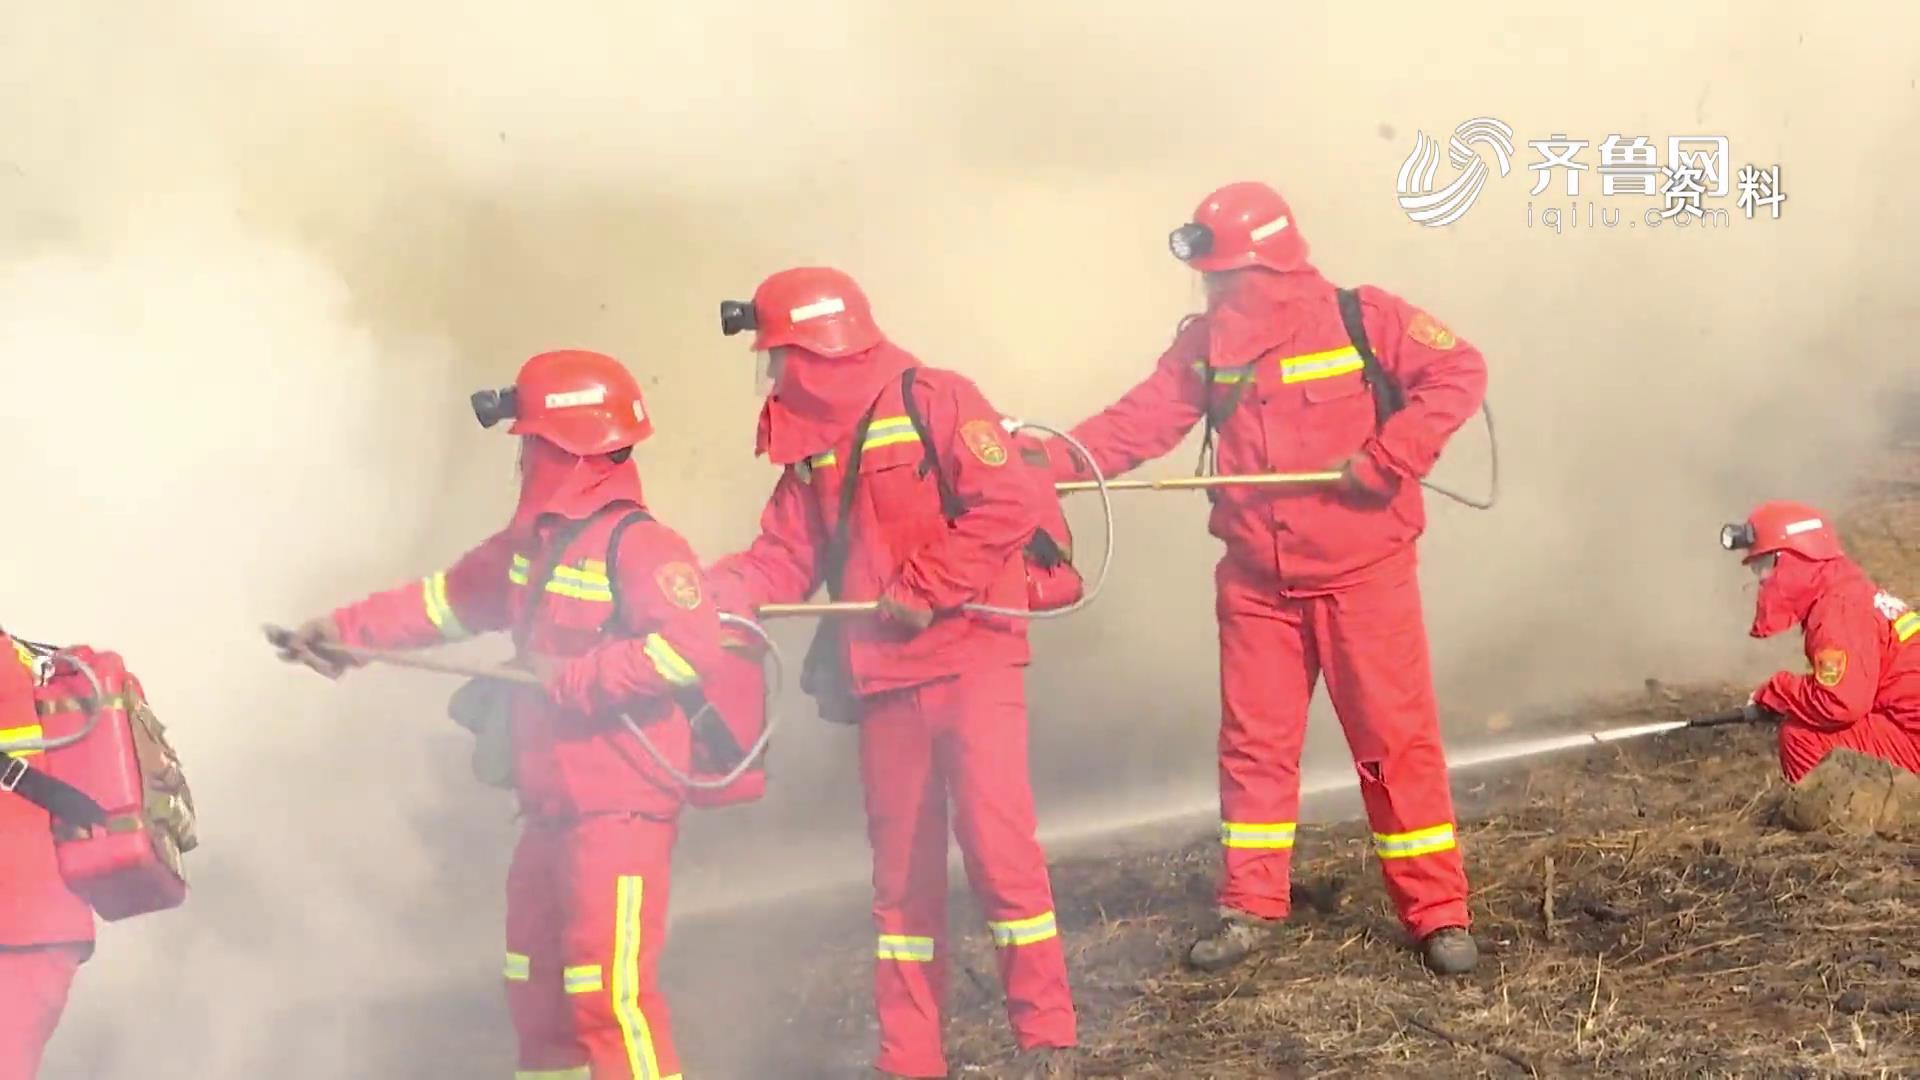 《问安齐鲁》20200329:森林防火不容懈怠 失职渎职严肃追责